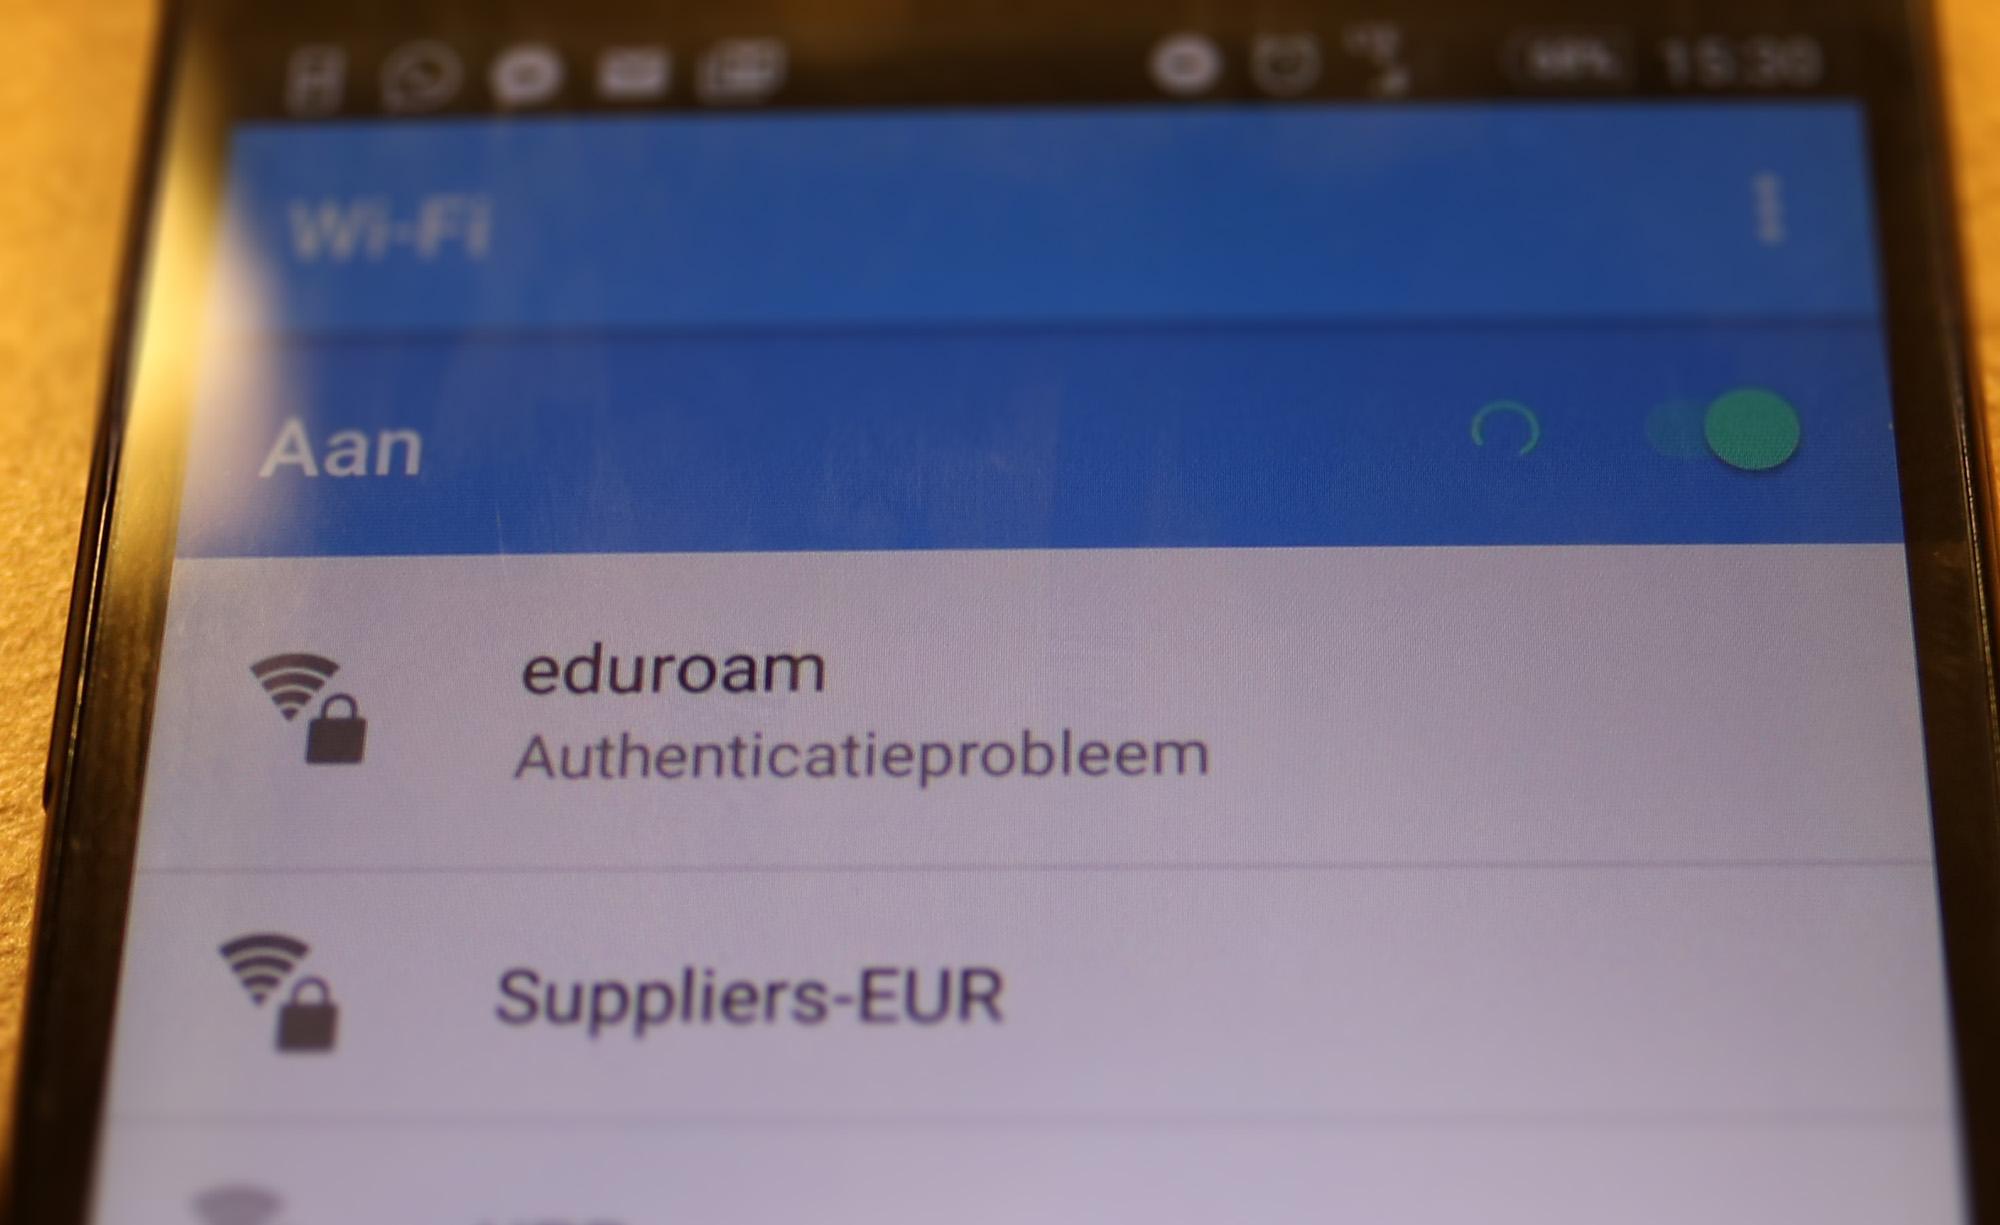 eduroam-authenticatieprobleem-android